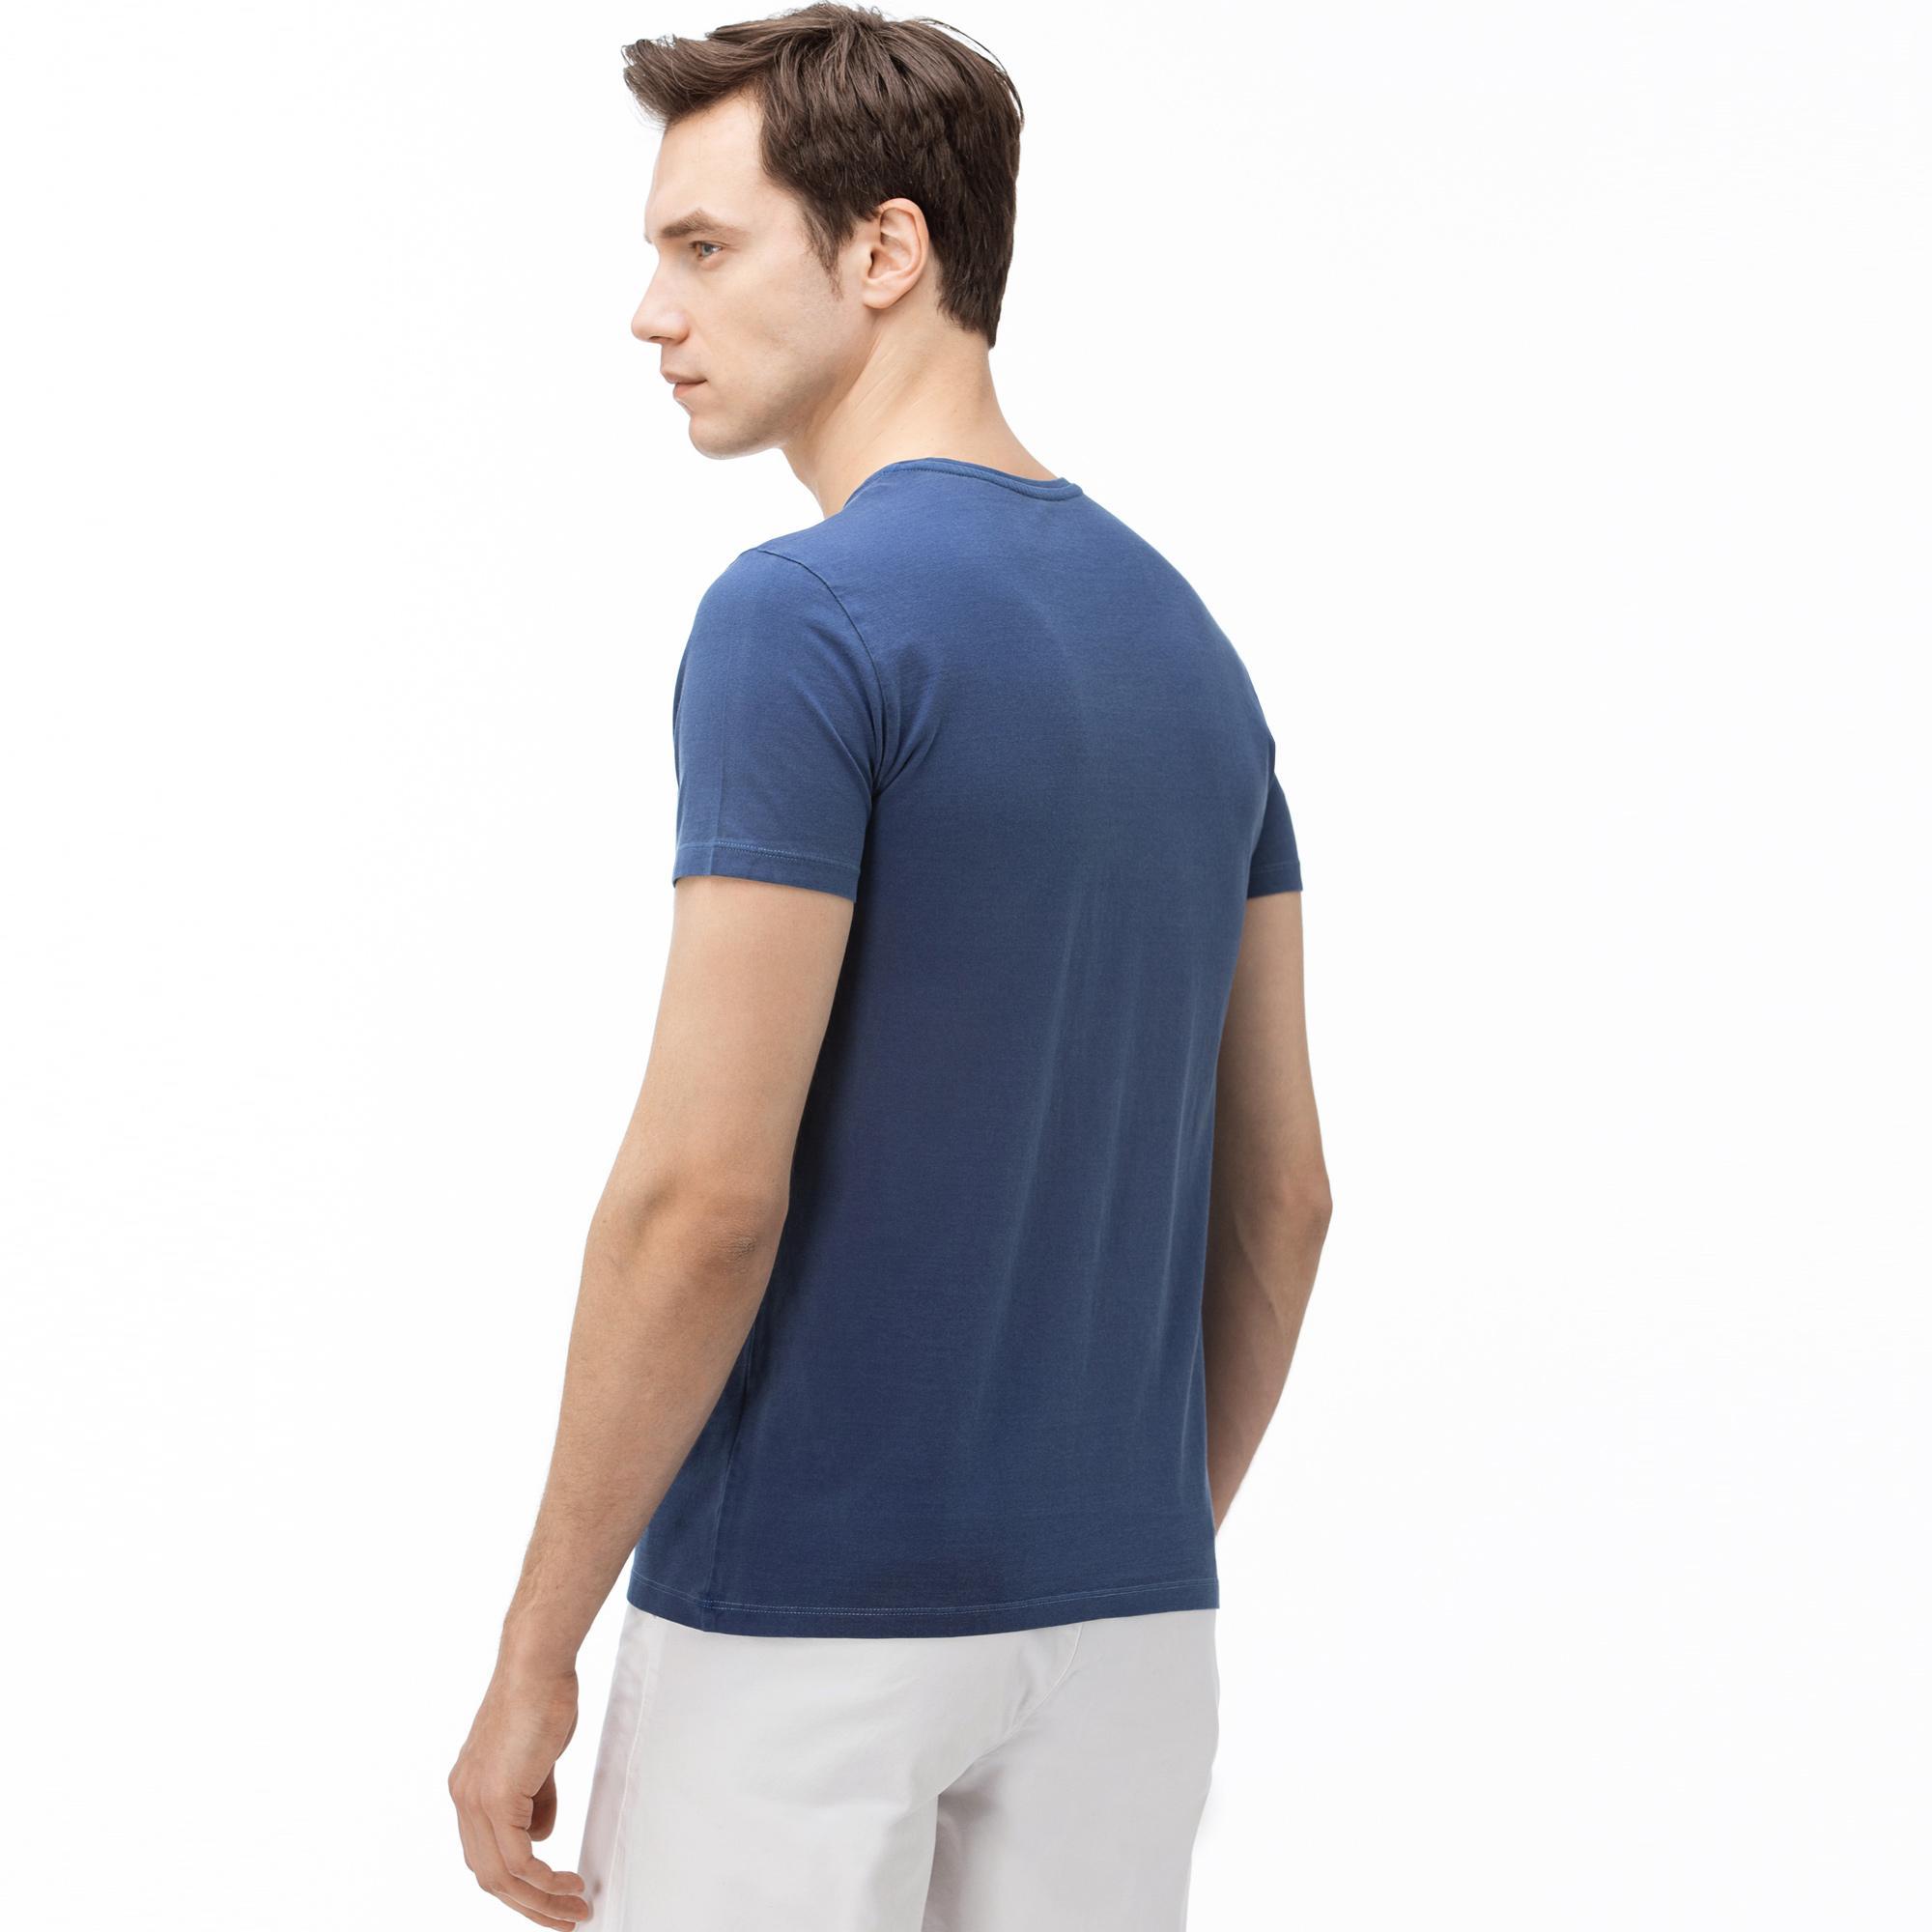 Lacoste Erkek V Yaka Saks Mavi T-Shirt